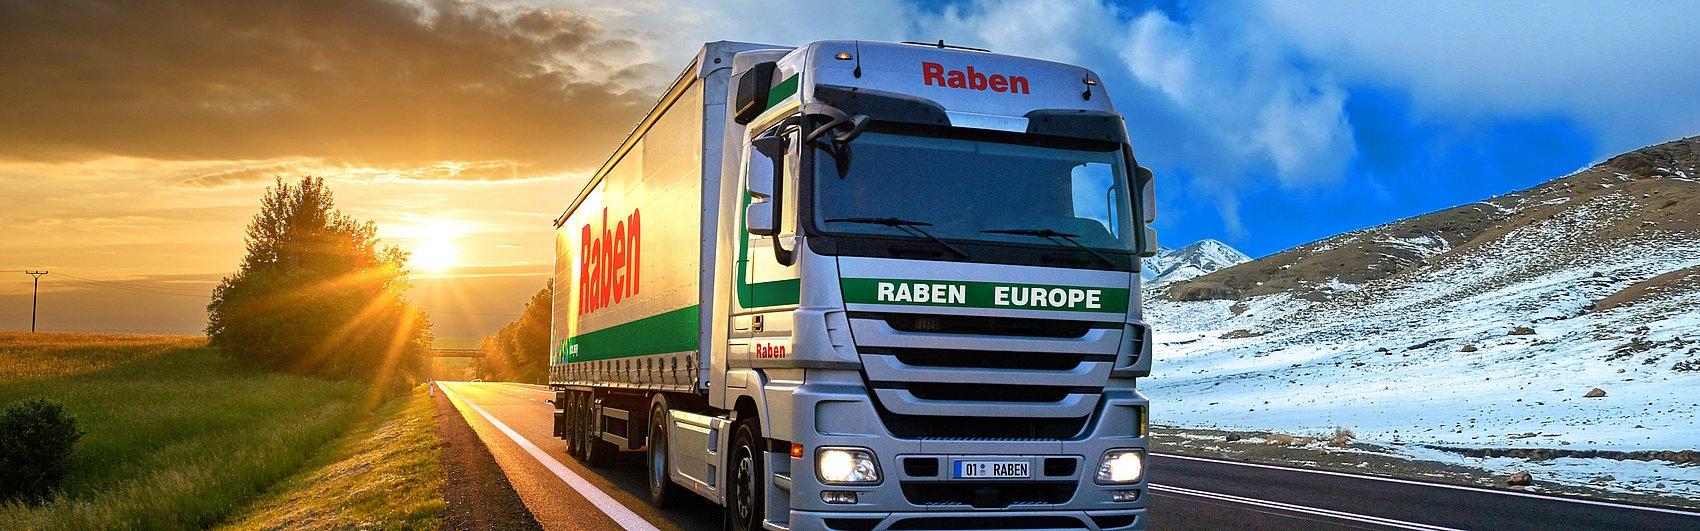 csm_KV_2019_Raben_Group_Europe_09572c15c9.jpg